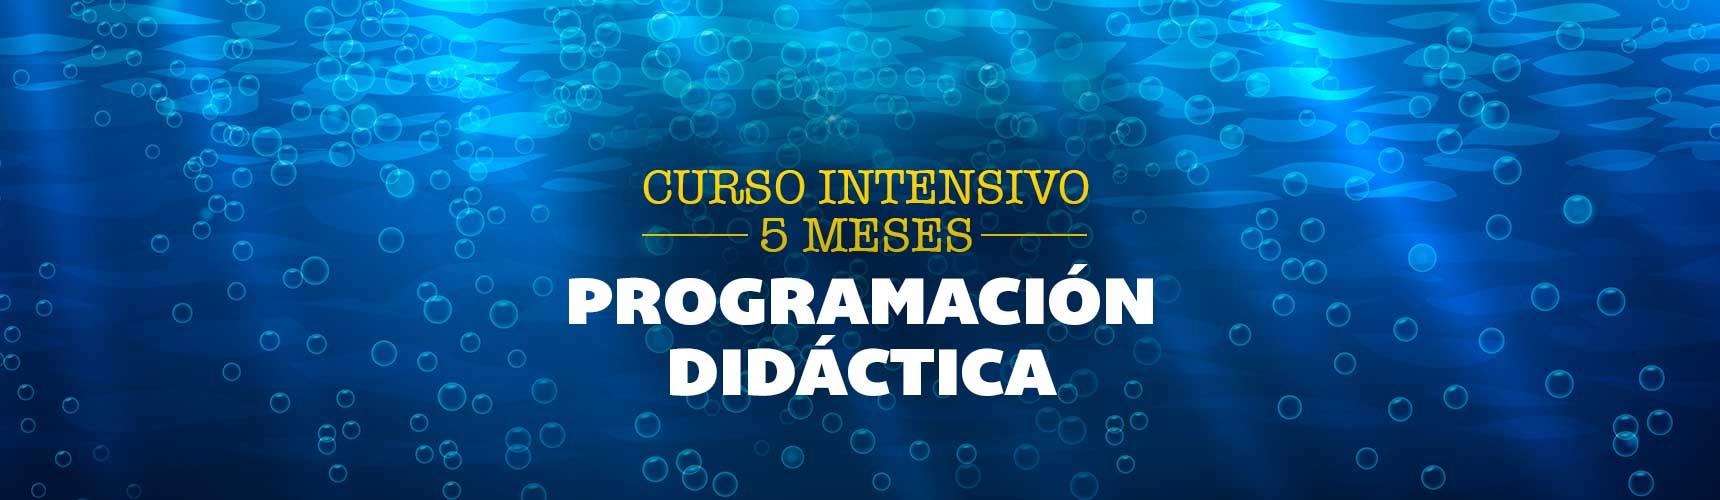 5meses_PRO_Pupitre_cursos_portada-web_nuevas-fotos_1720x910